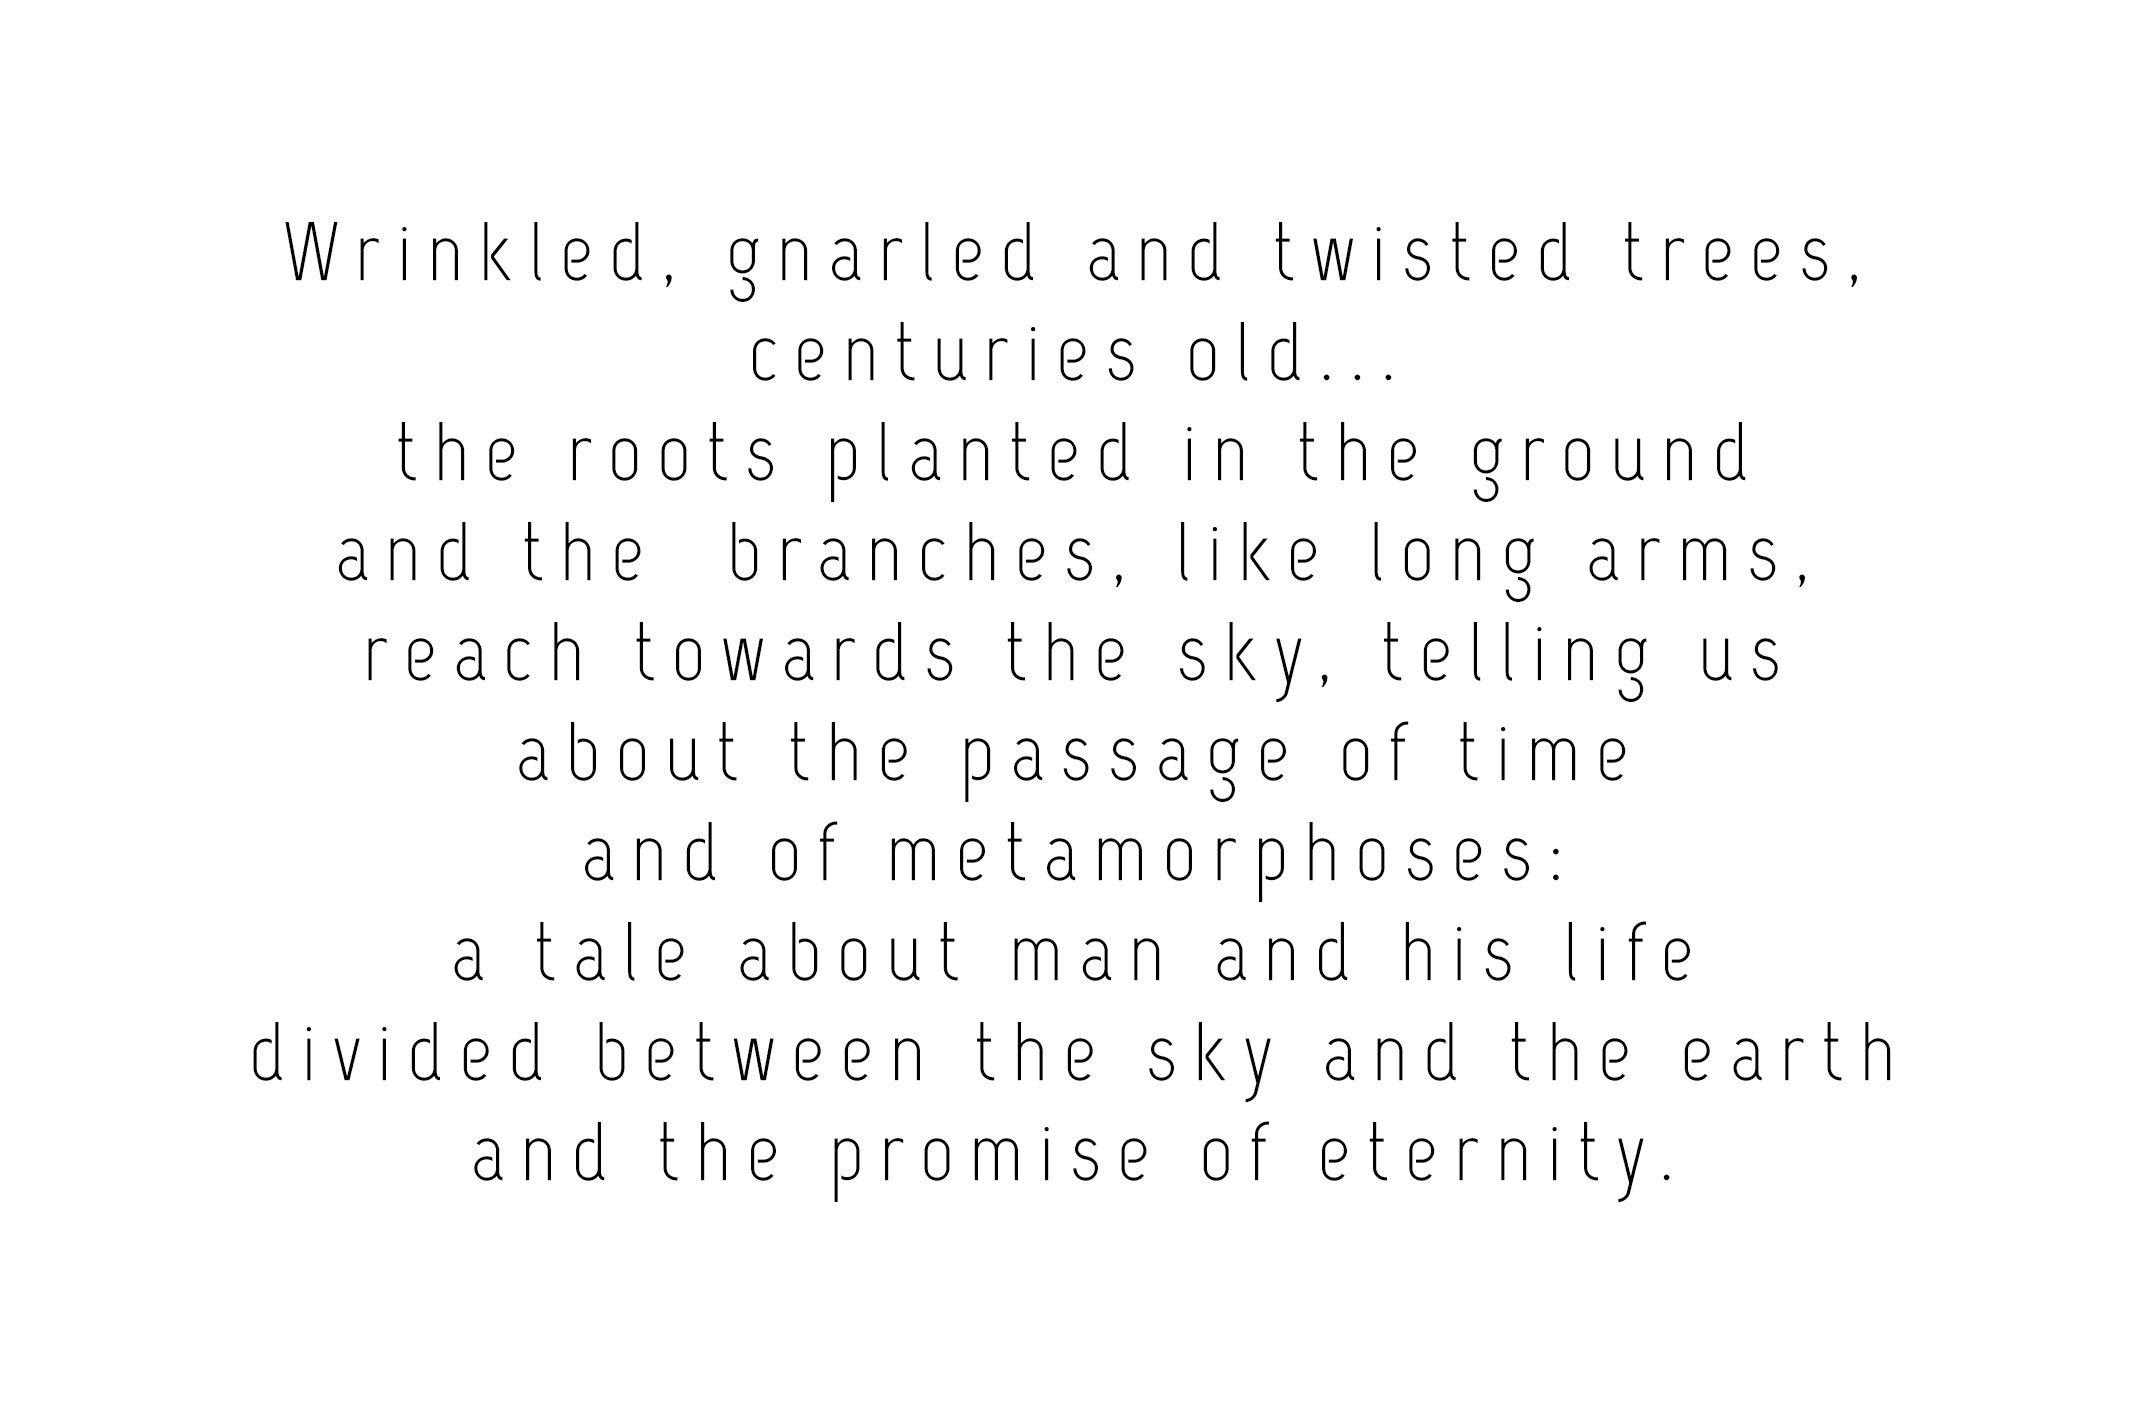 001_intro_Trees_1.jpg